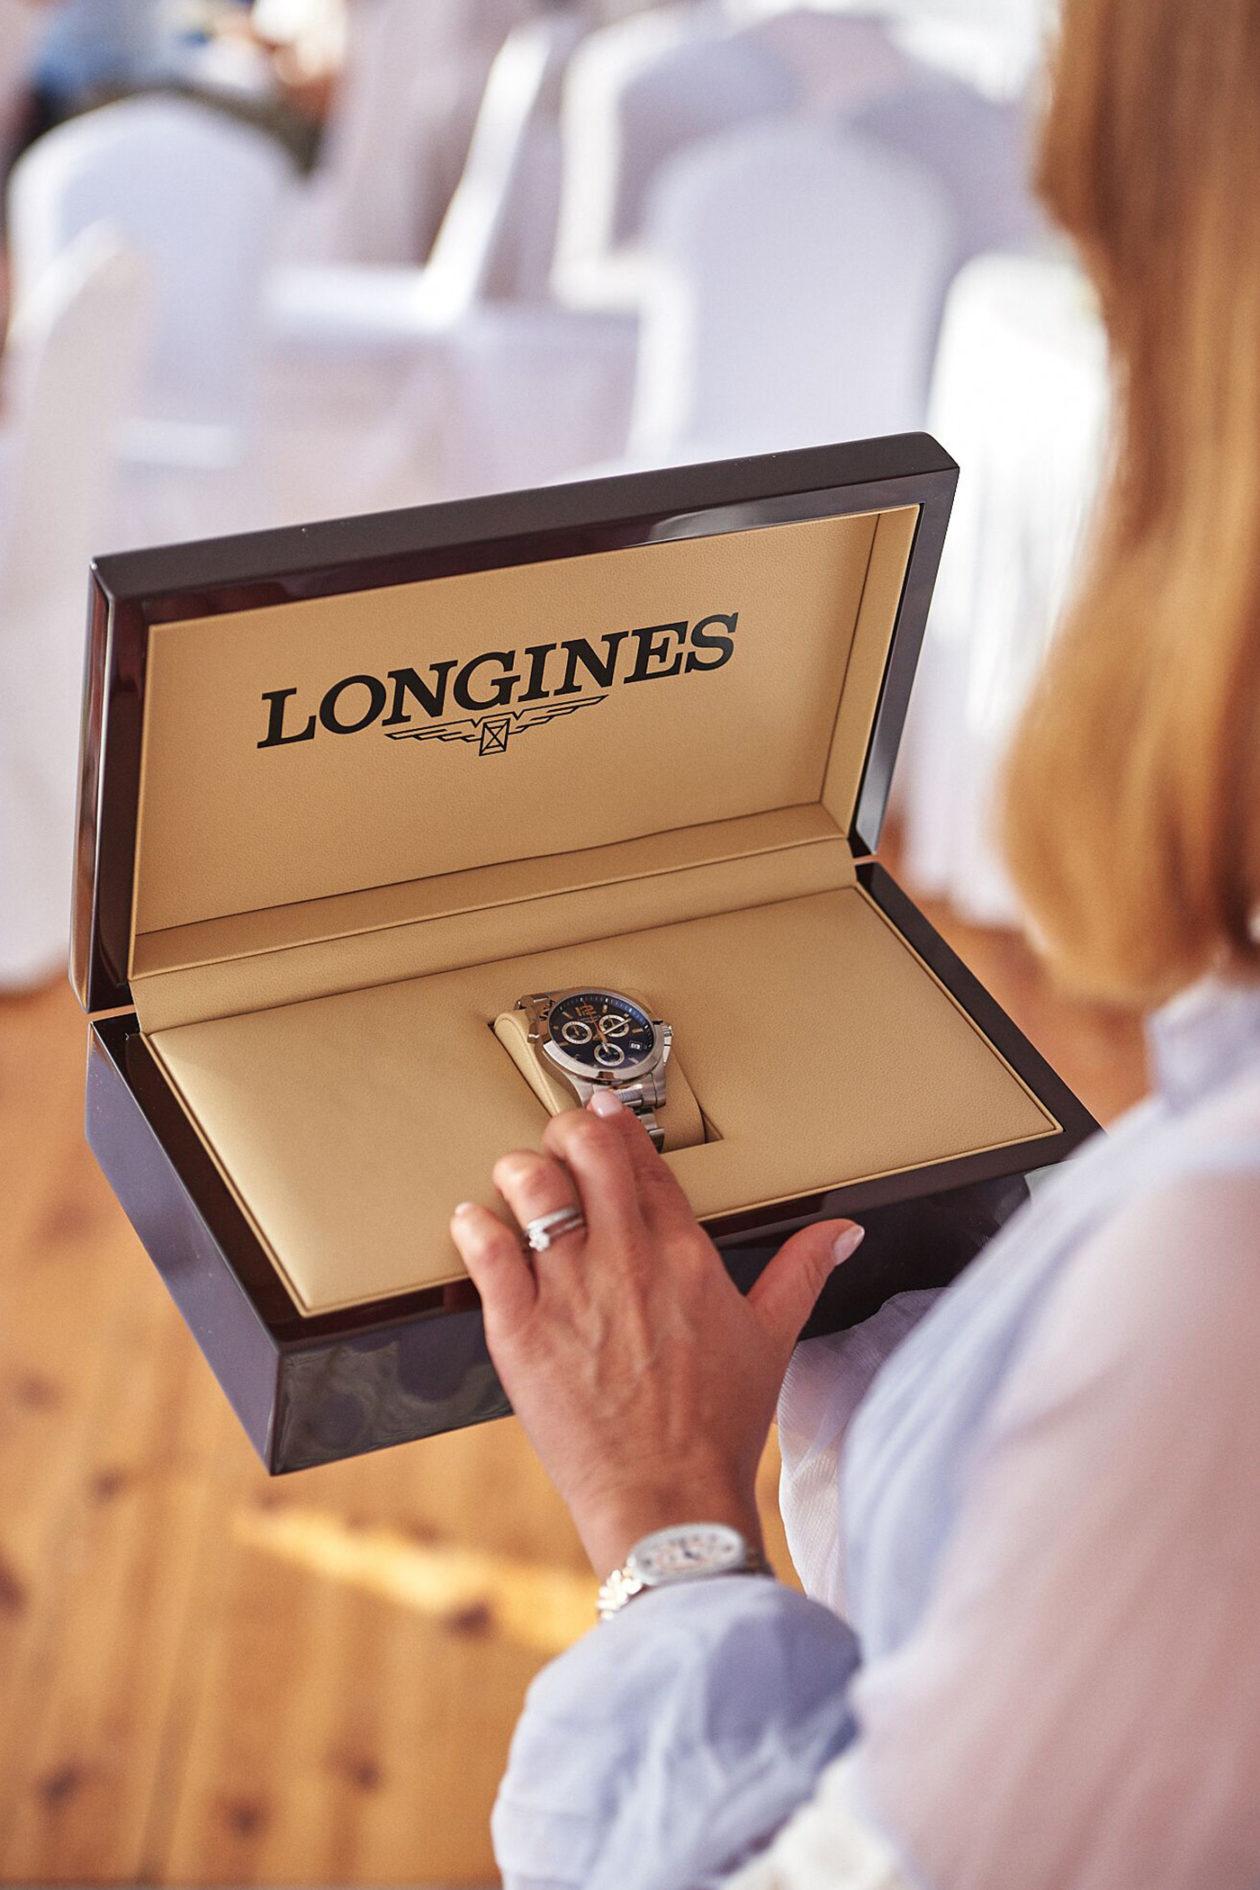 Jedna z nagród w konkursie FEI Jumping Nations Cup- zegarek Longines